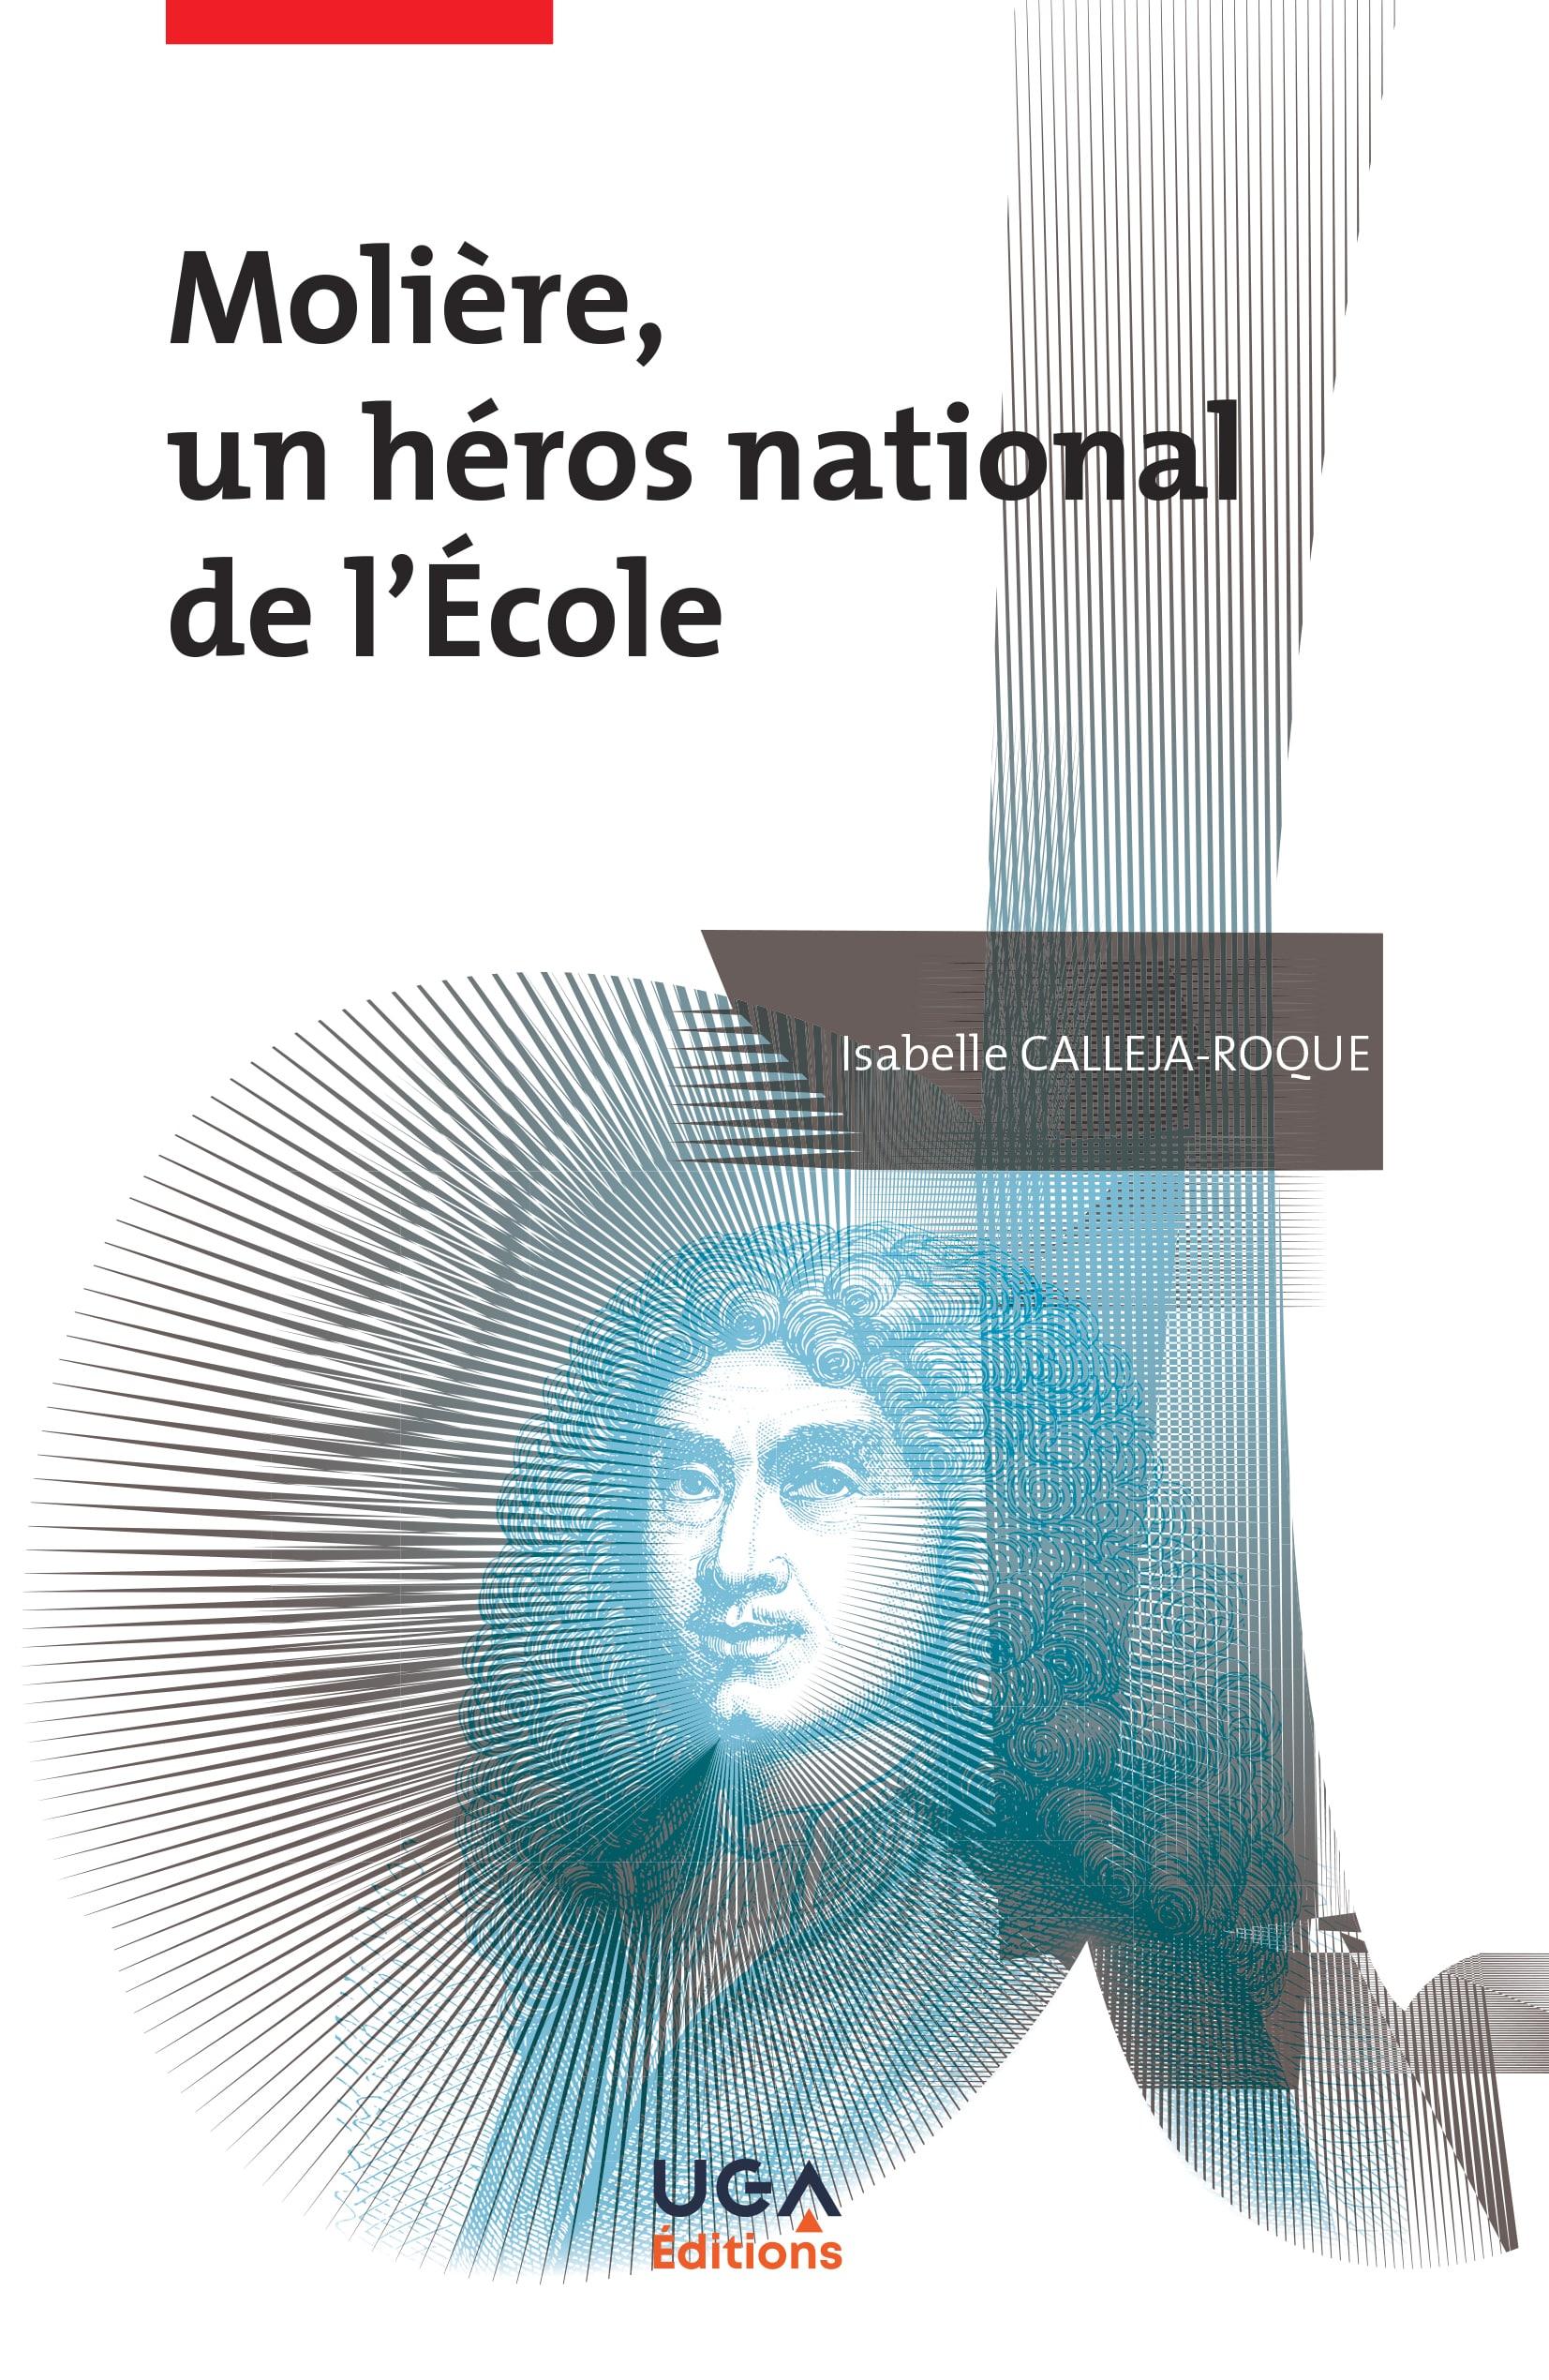 I. Calleja-Roque, Molière, un héros national de l'école